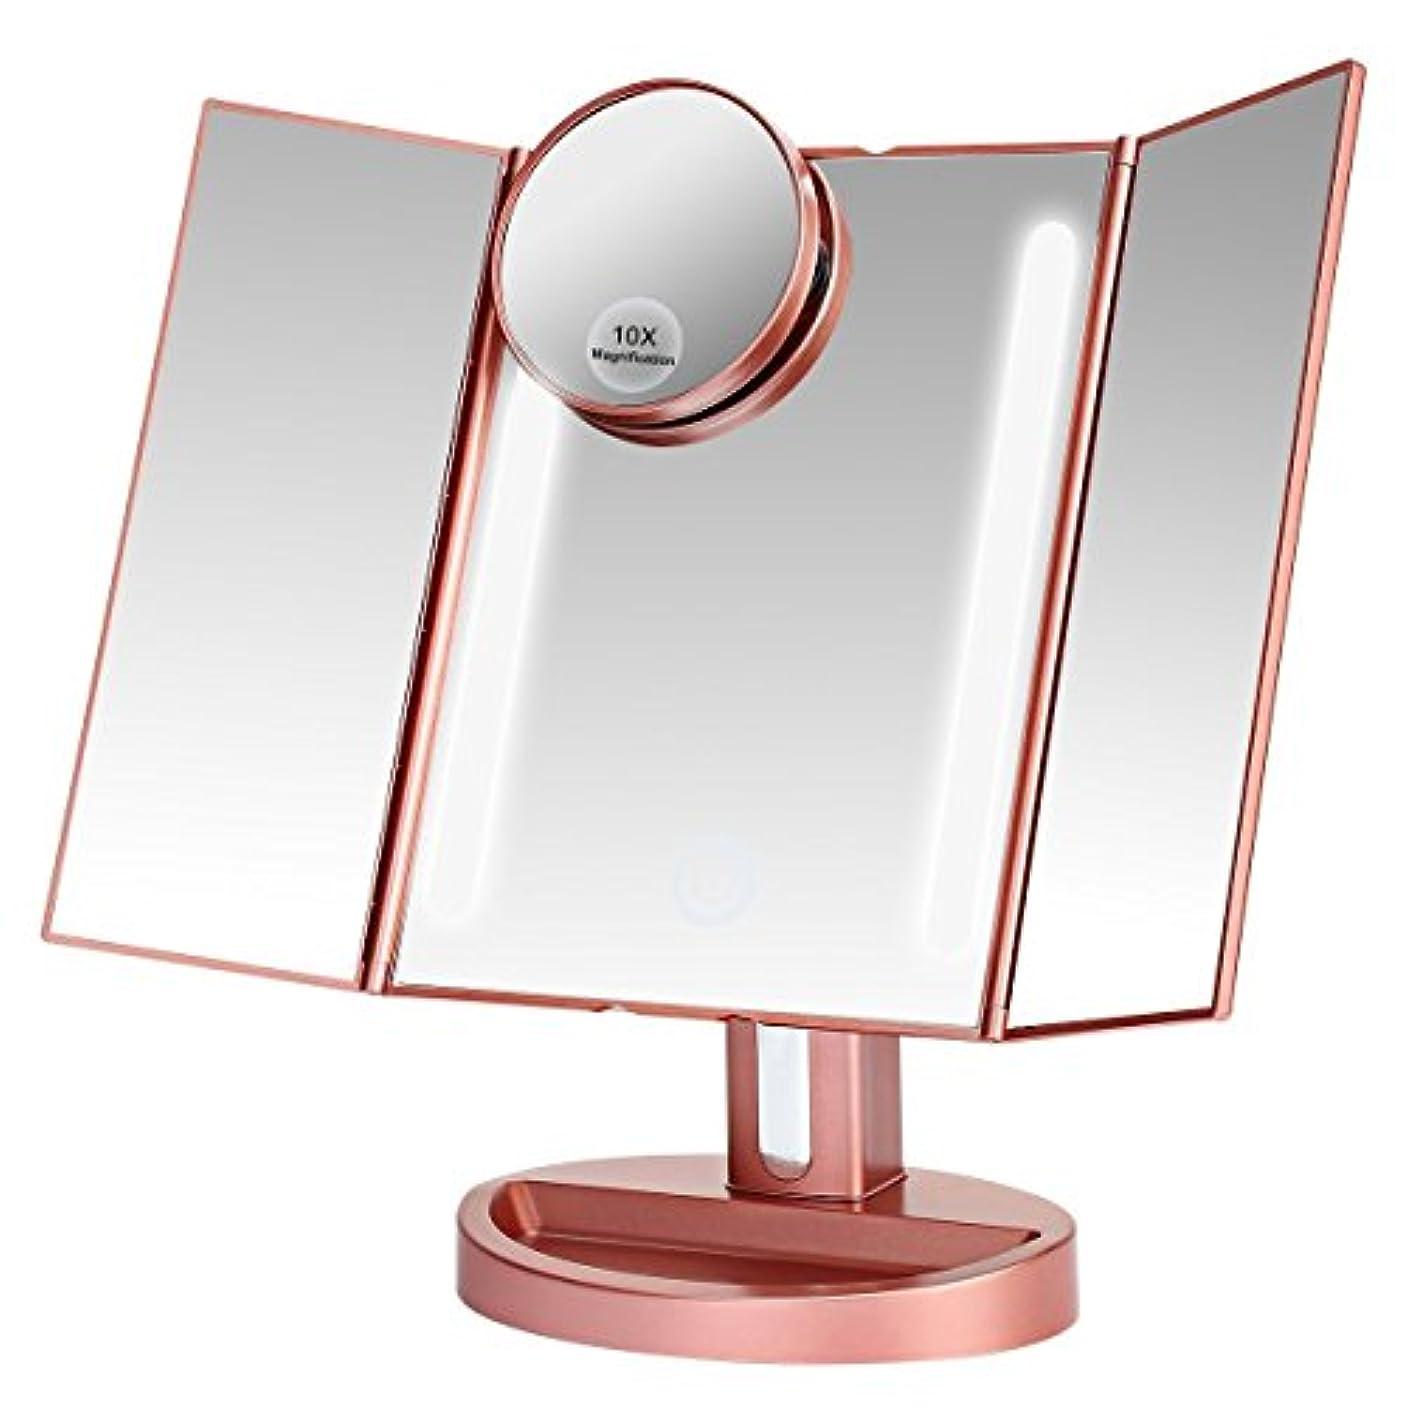 オーバーランサミュエルインシデントLEEPWEI 化粧鏡  LED三面鏡 折りたたみ式 10倍拡大鏡付き 明るさ調節 180度回転